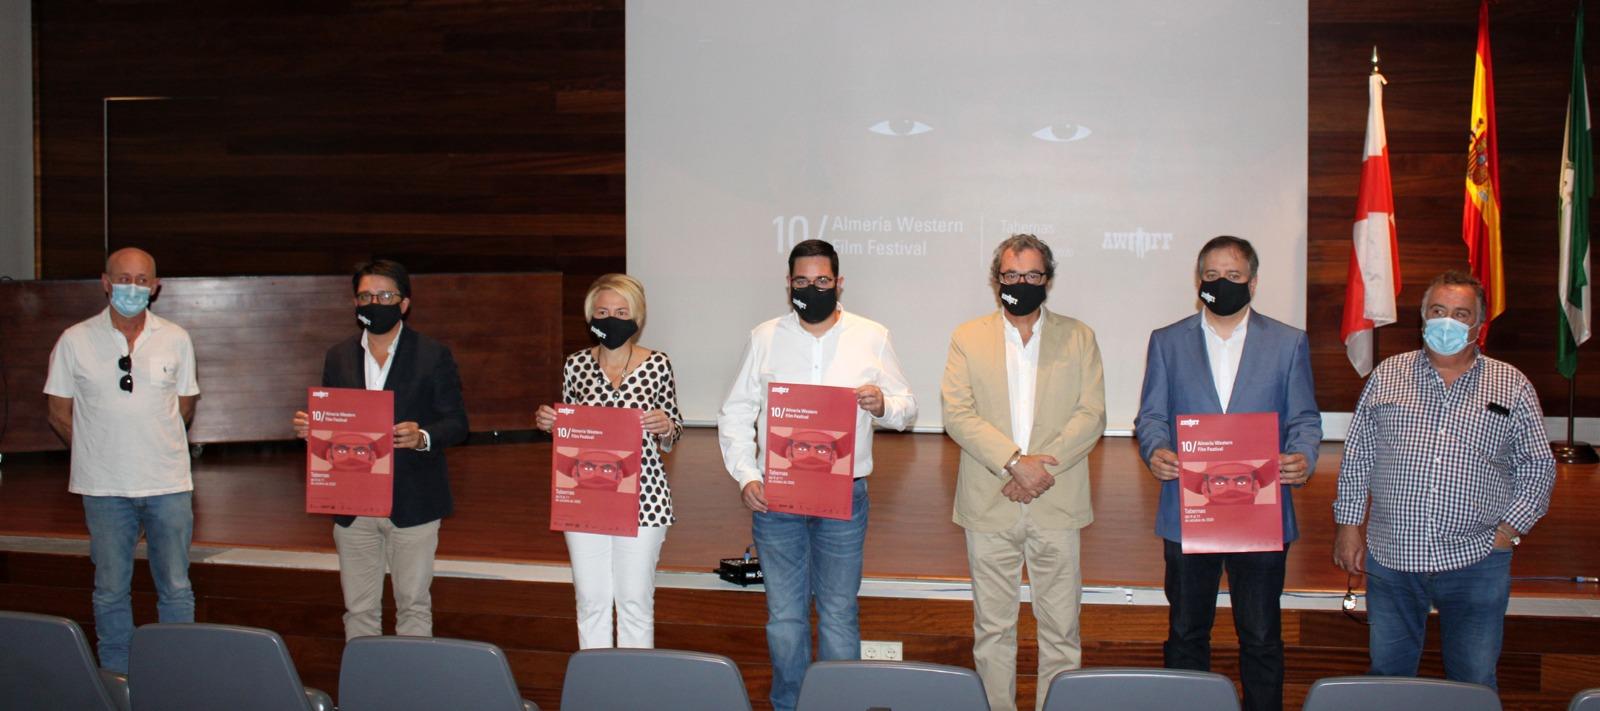 Almería Western Film Festival de Tabernas